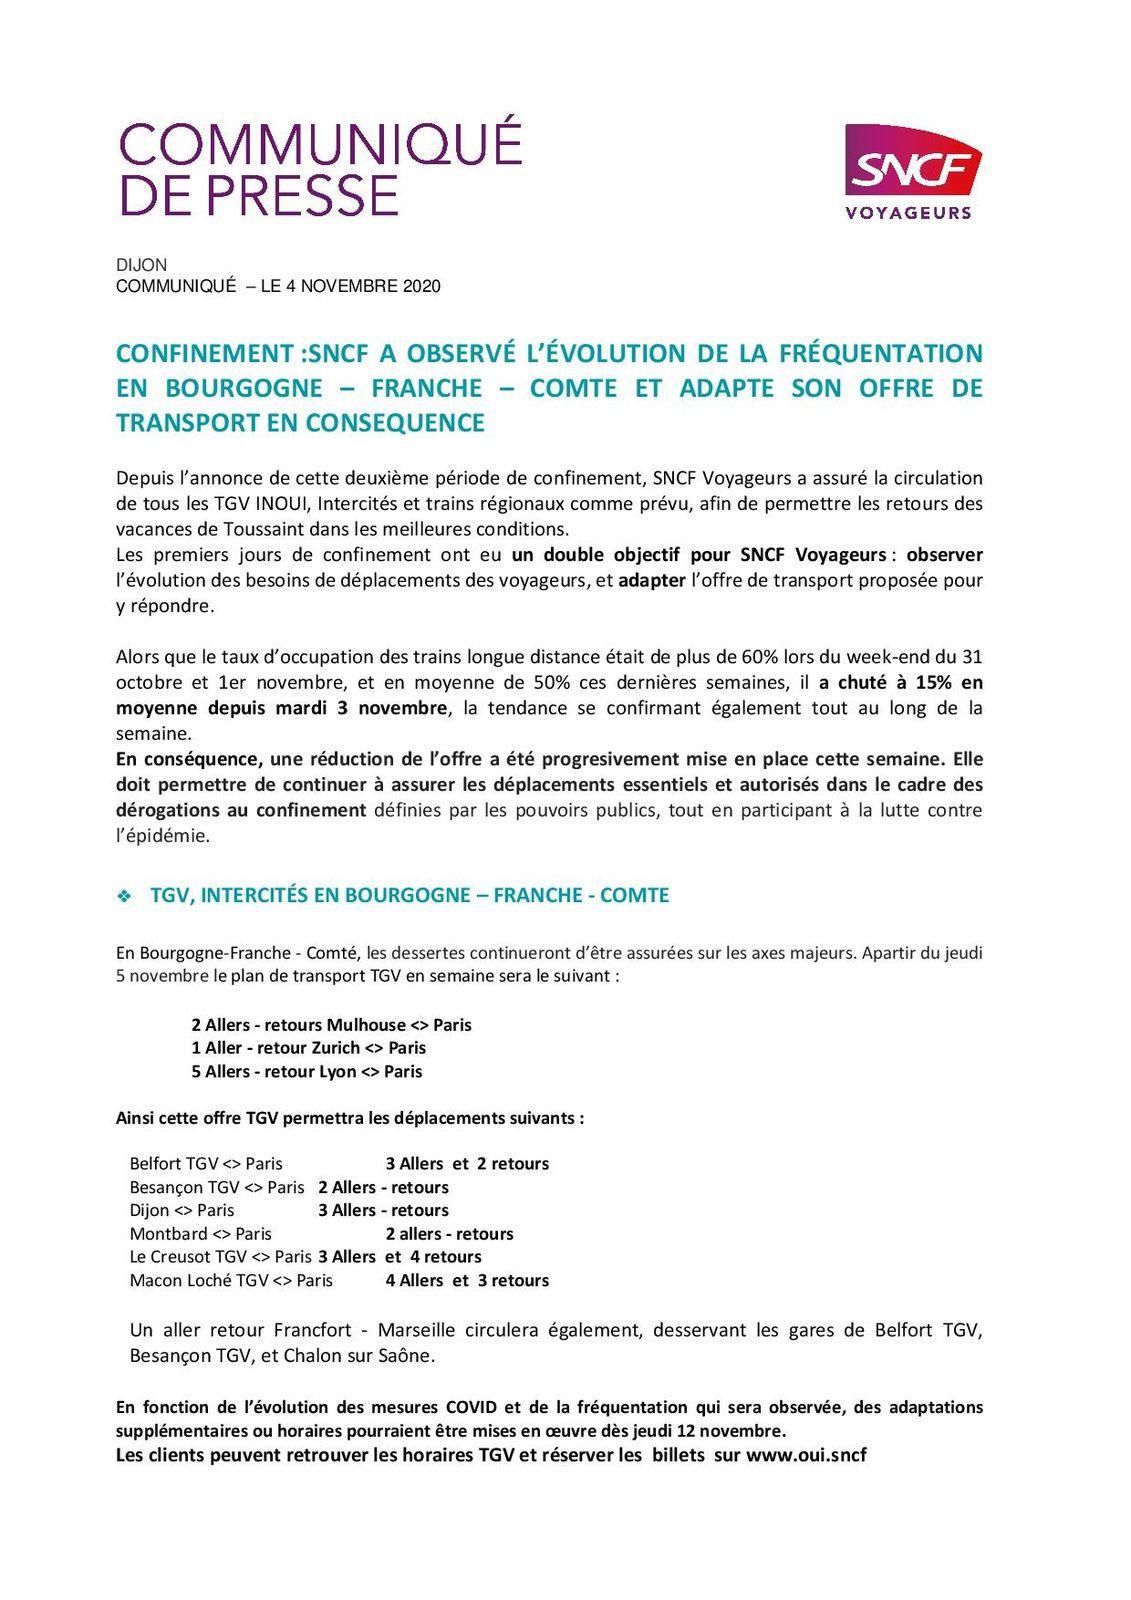 SNCF : Adaptation de son offre de transport pendant le confinement